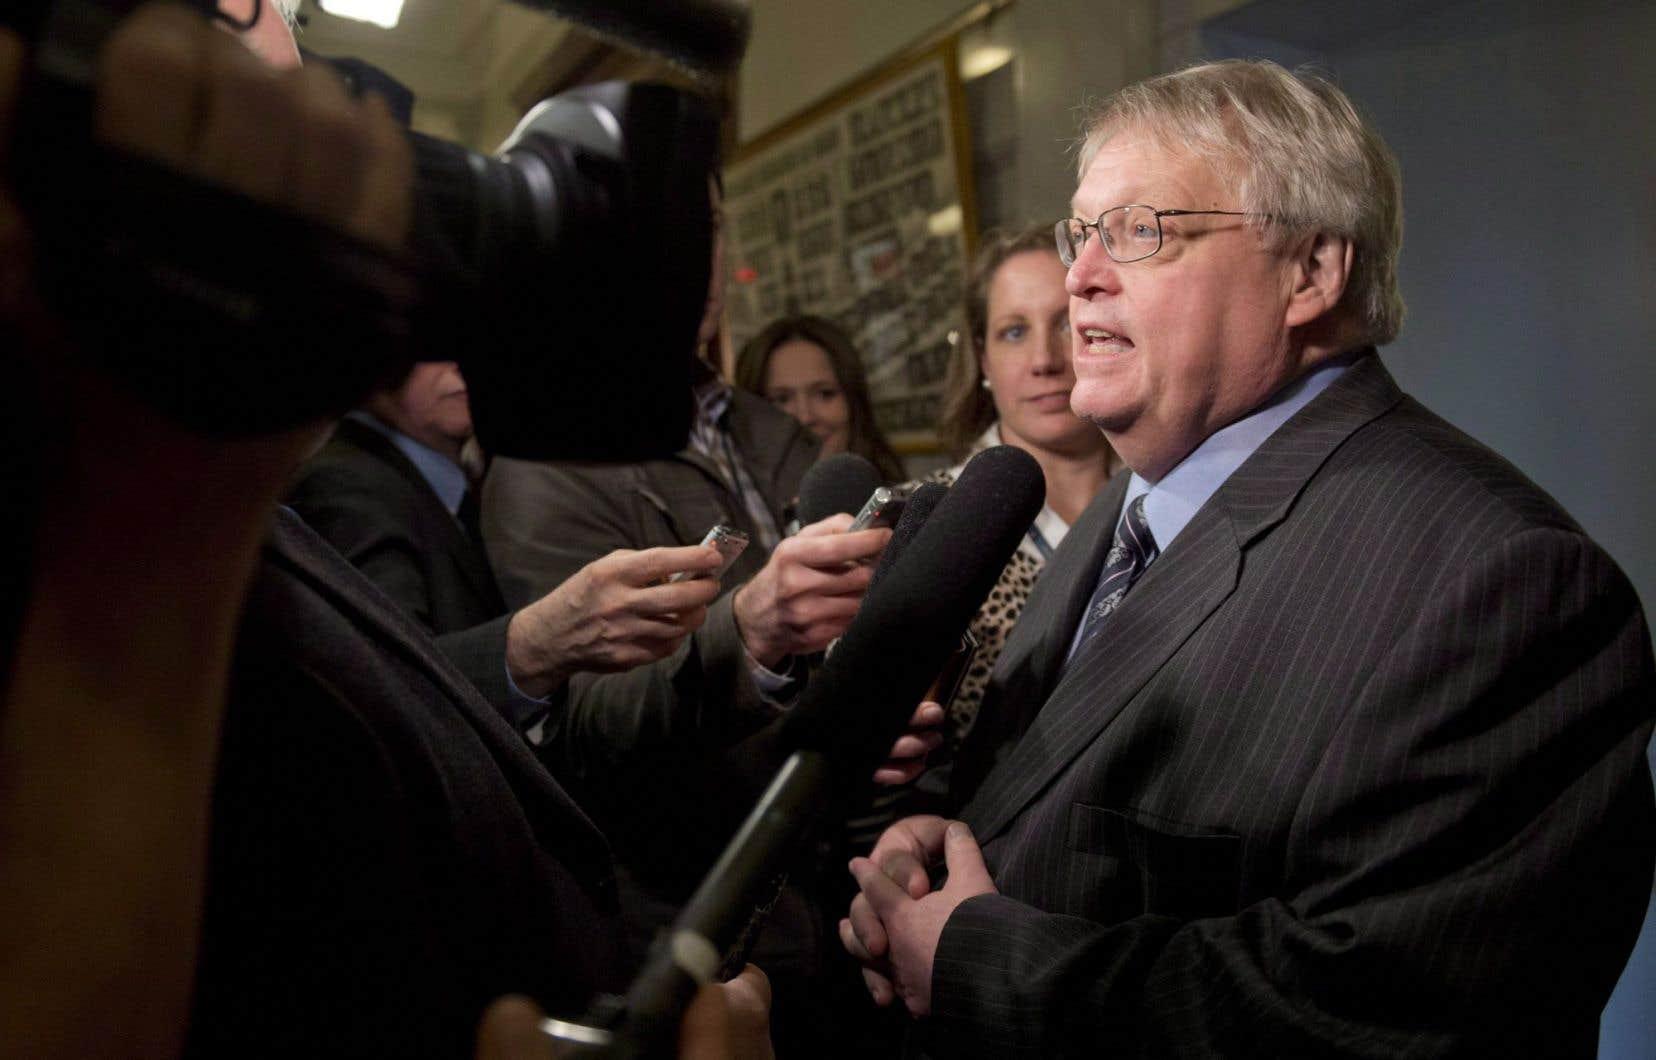 Le ministre Barrette a signé une entente avec les médecins qui met le projet de loi 20 en suspens jusqu'en 2017. Plusieurs accusent le projet de loi controversé d'être à l'origine des désaffiliations.